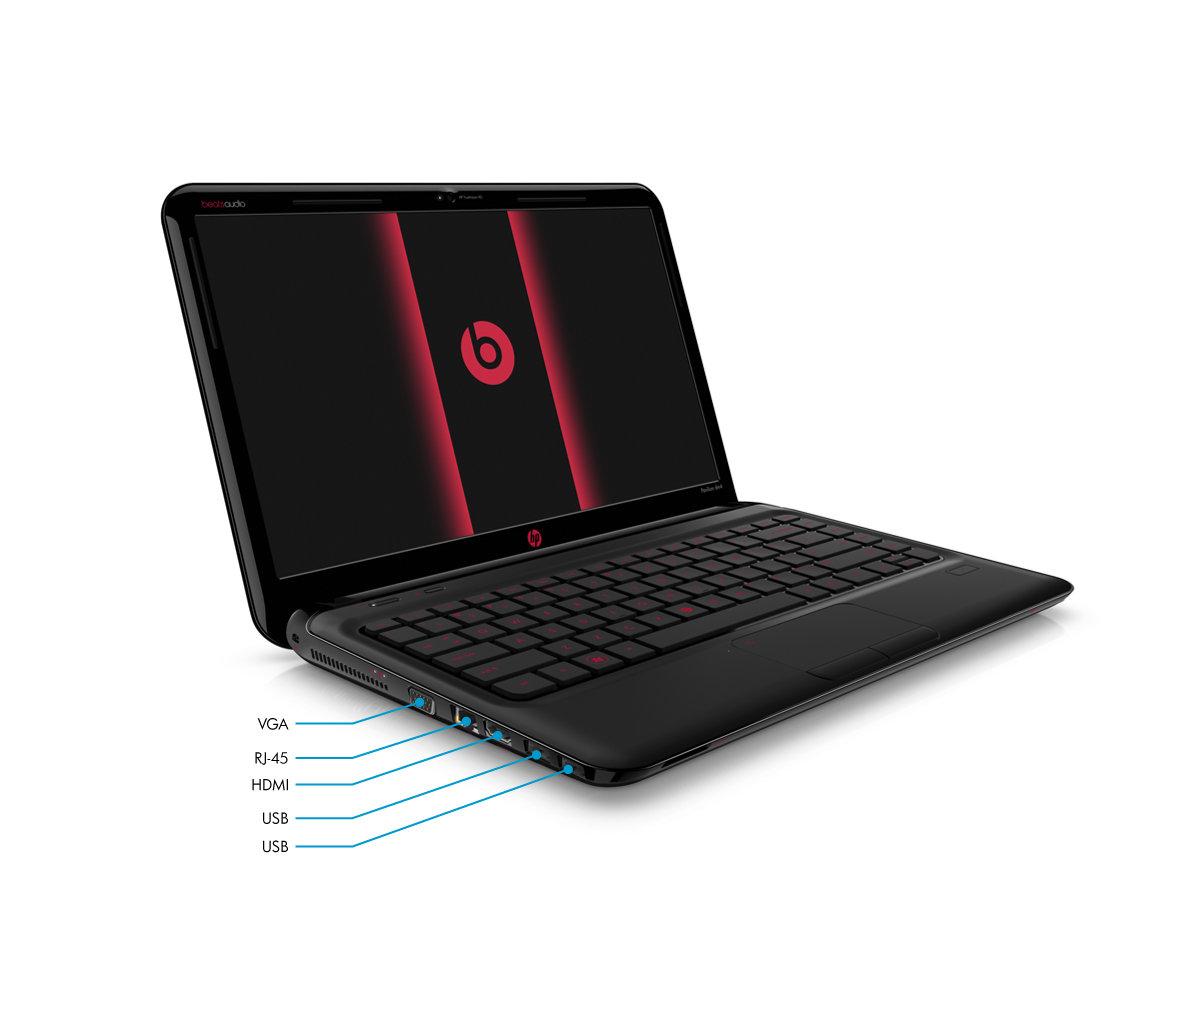 hp pavilion dm4 laptop comes with beats headphones bundle the tech journal. Black Bedroom Furniture Sets. Home Design Ideas